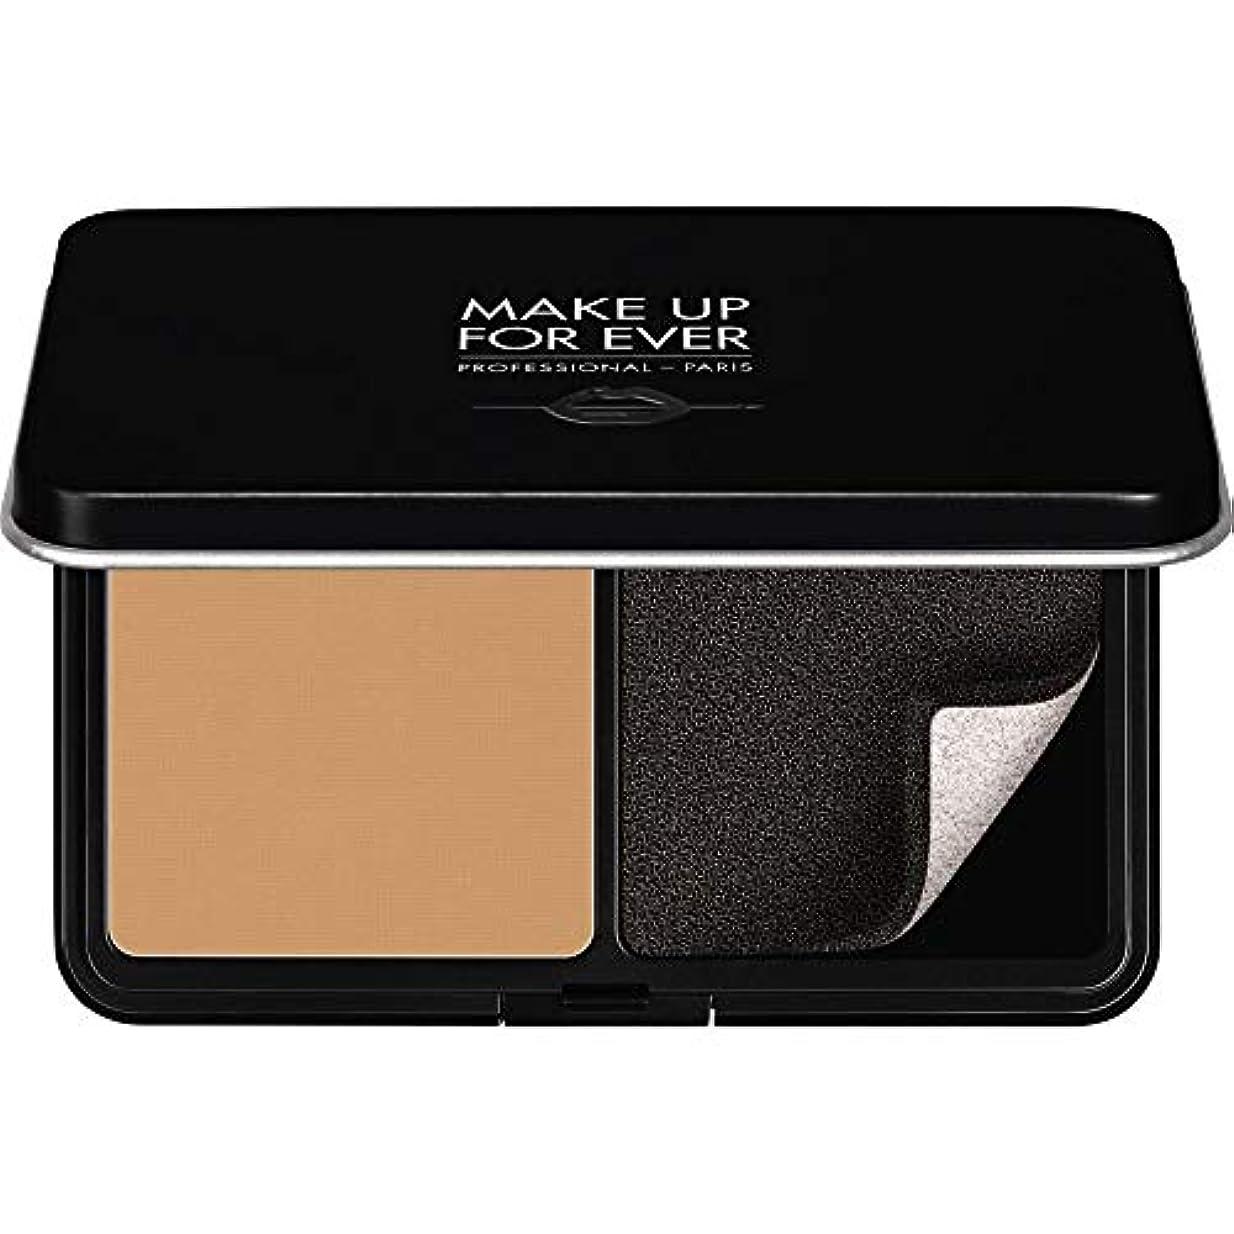 公水平恨み[MAKE UP FOR EVER ] パウダーファンデーション11GののY365をぼかし、これまでマットベルベットの肌を補う - 砂漠 - MAKE UP FOR EVER Matte Velvet Skin Blurring Powder Foundation 11g Y365 - Desert [並行輸入品]